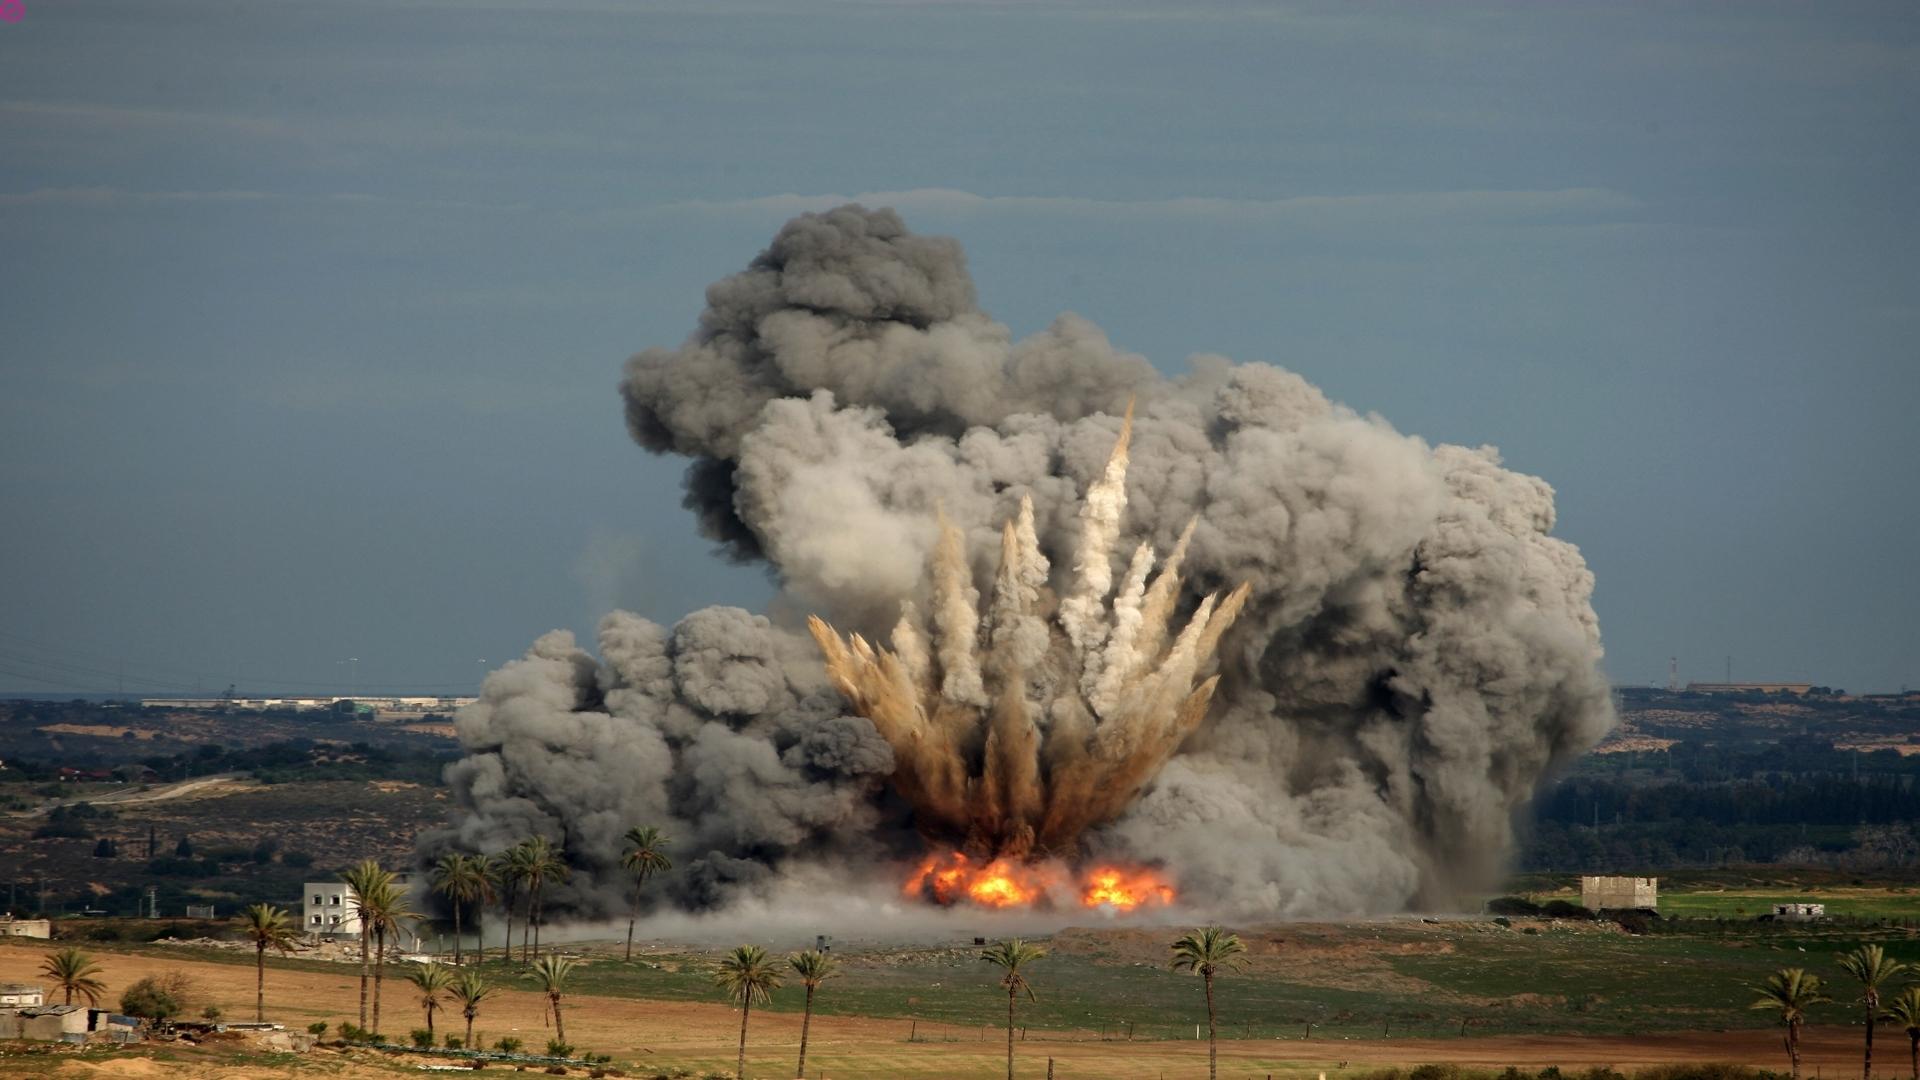 Картинка бомба взрывается